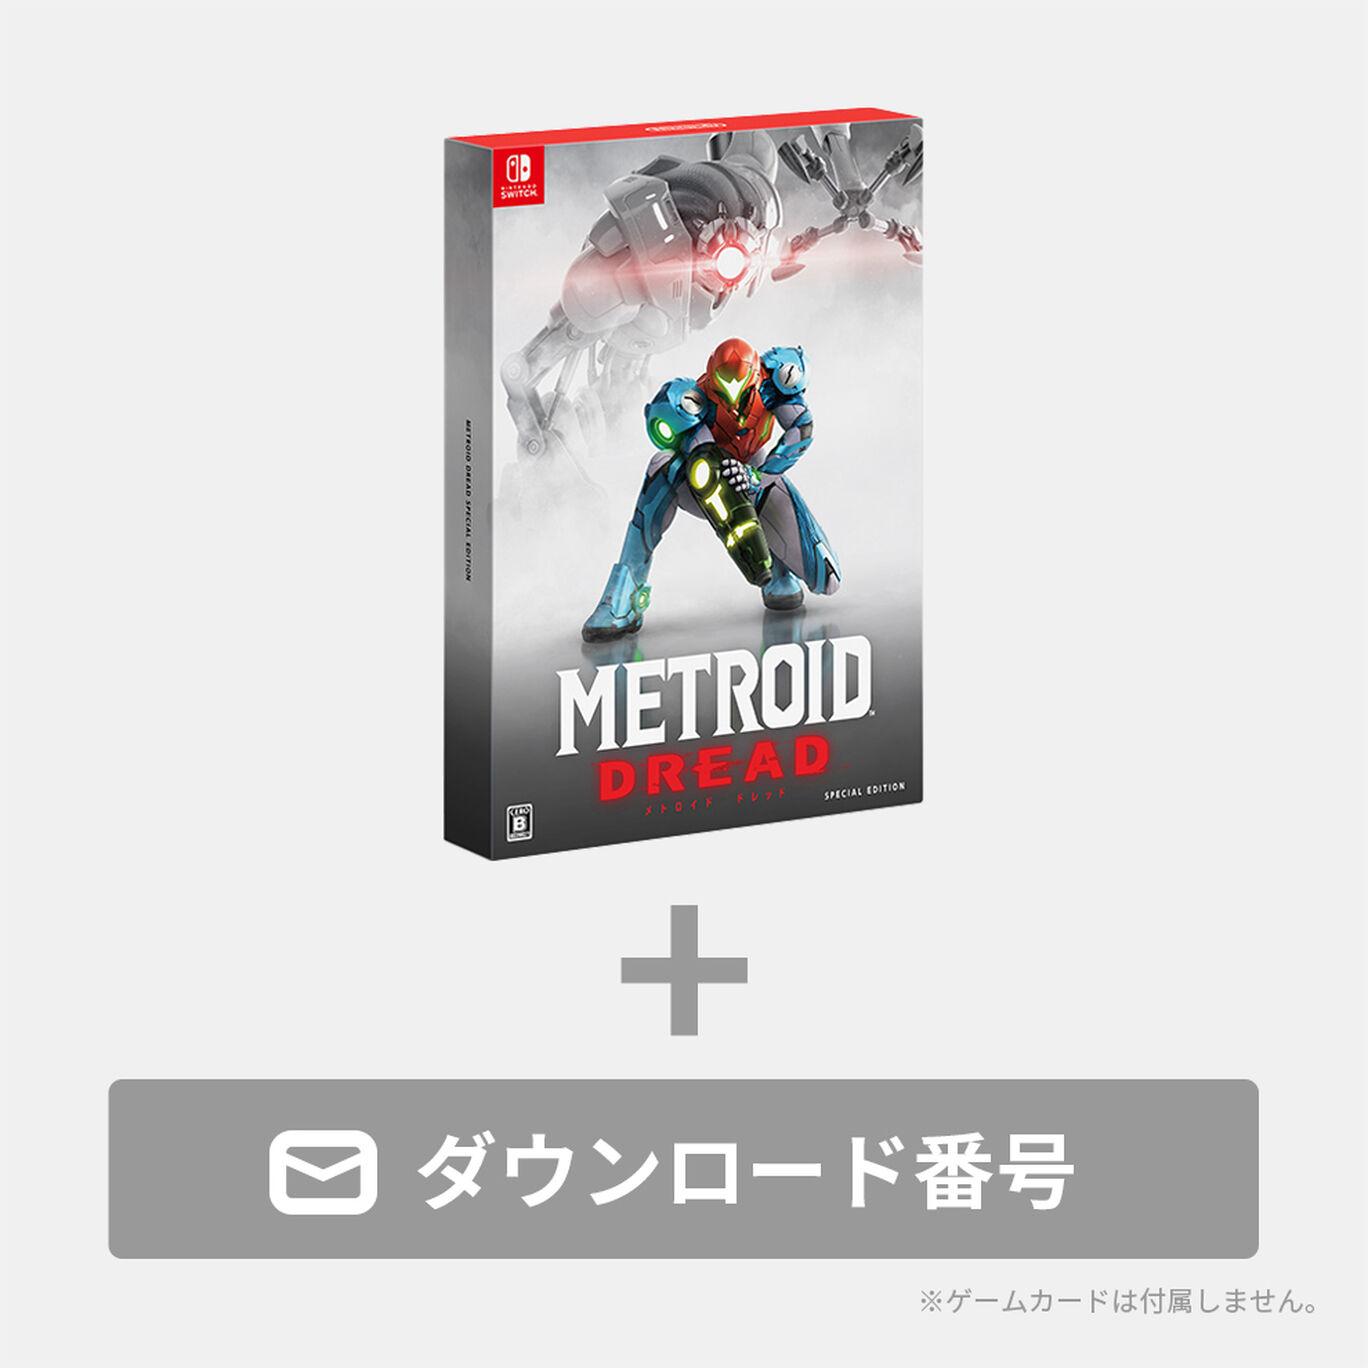 メトロイド ドレッド スペシャルエディション ダウンロード版(パッケージ付)